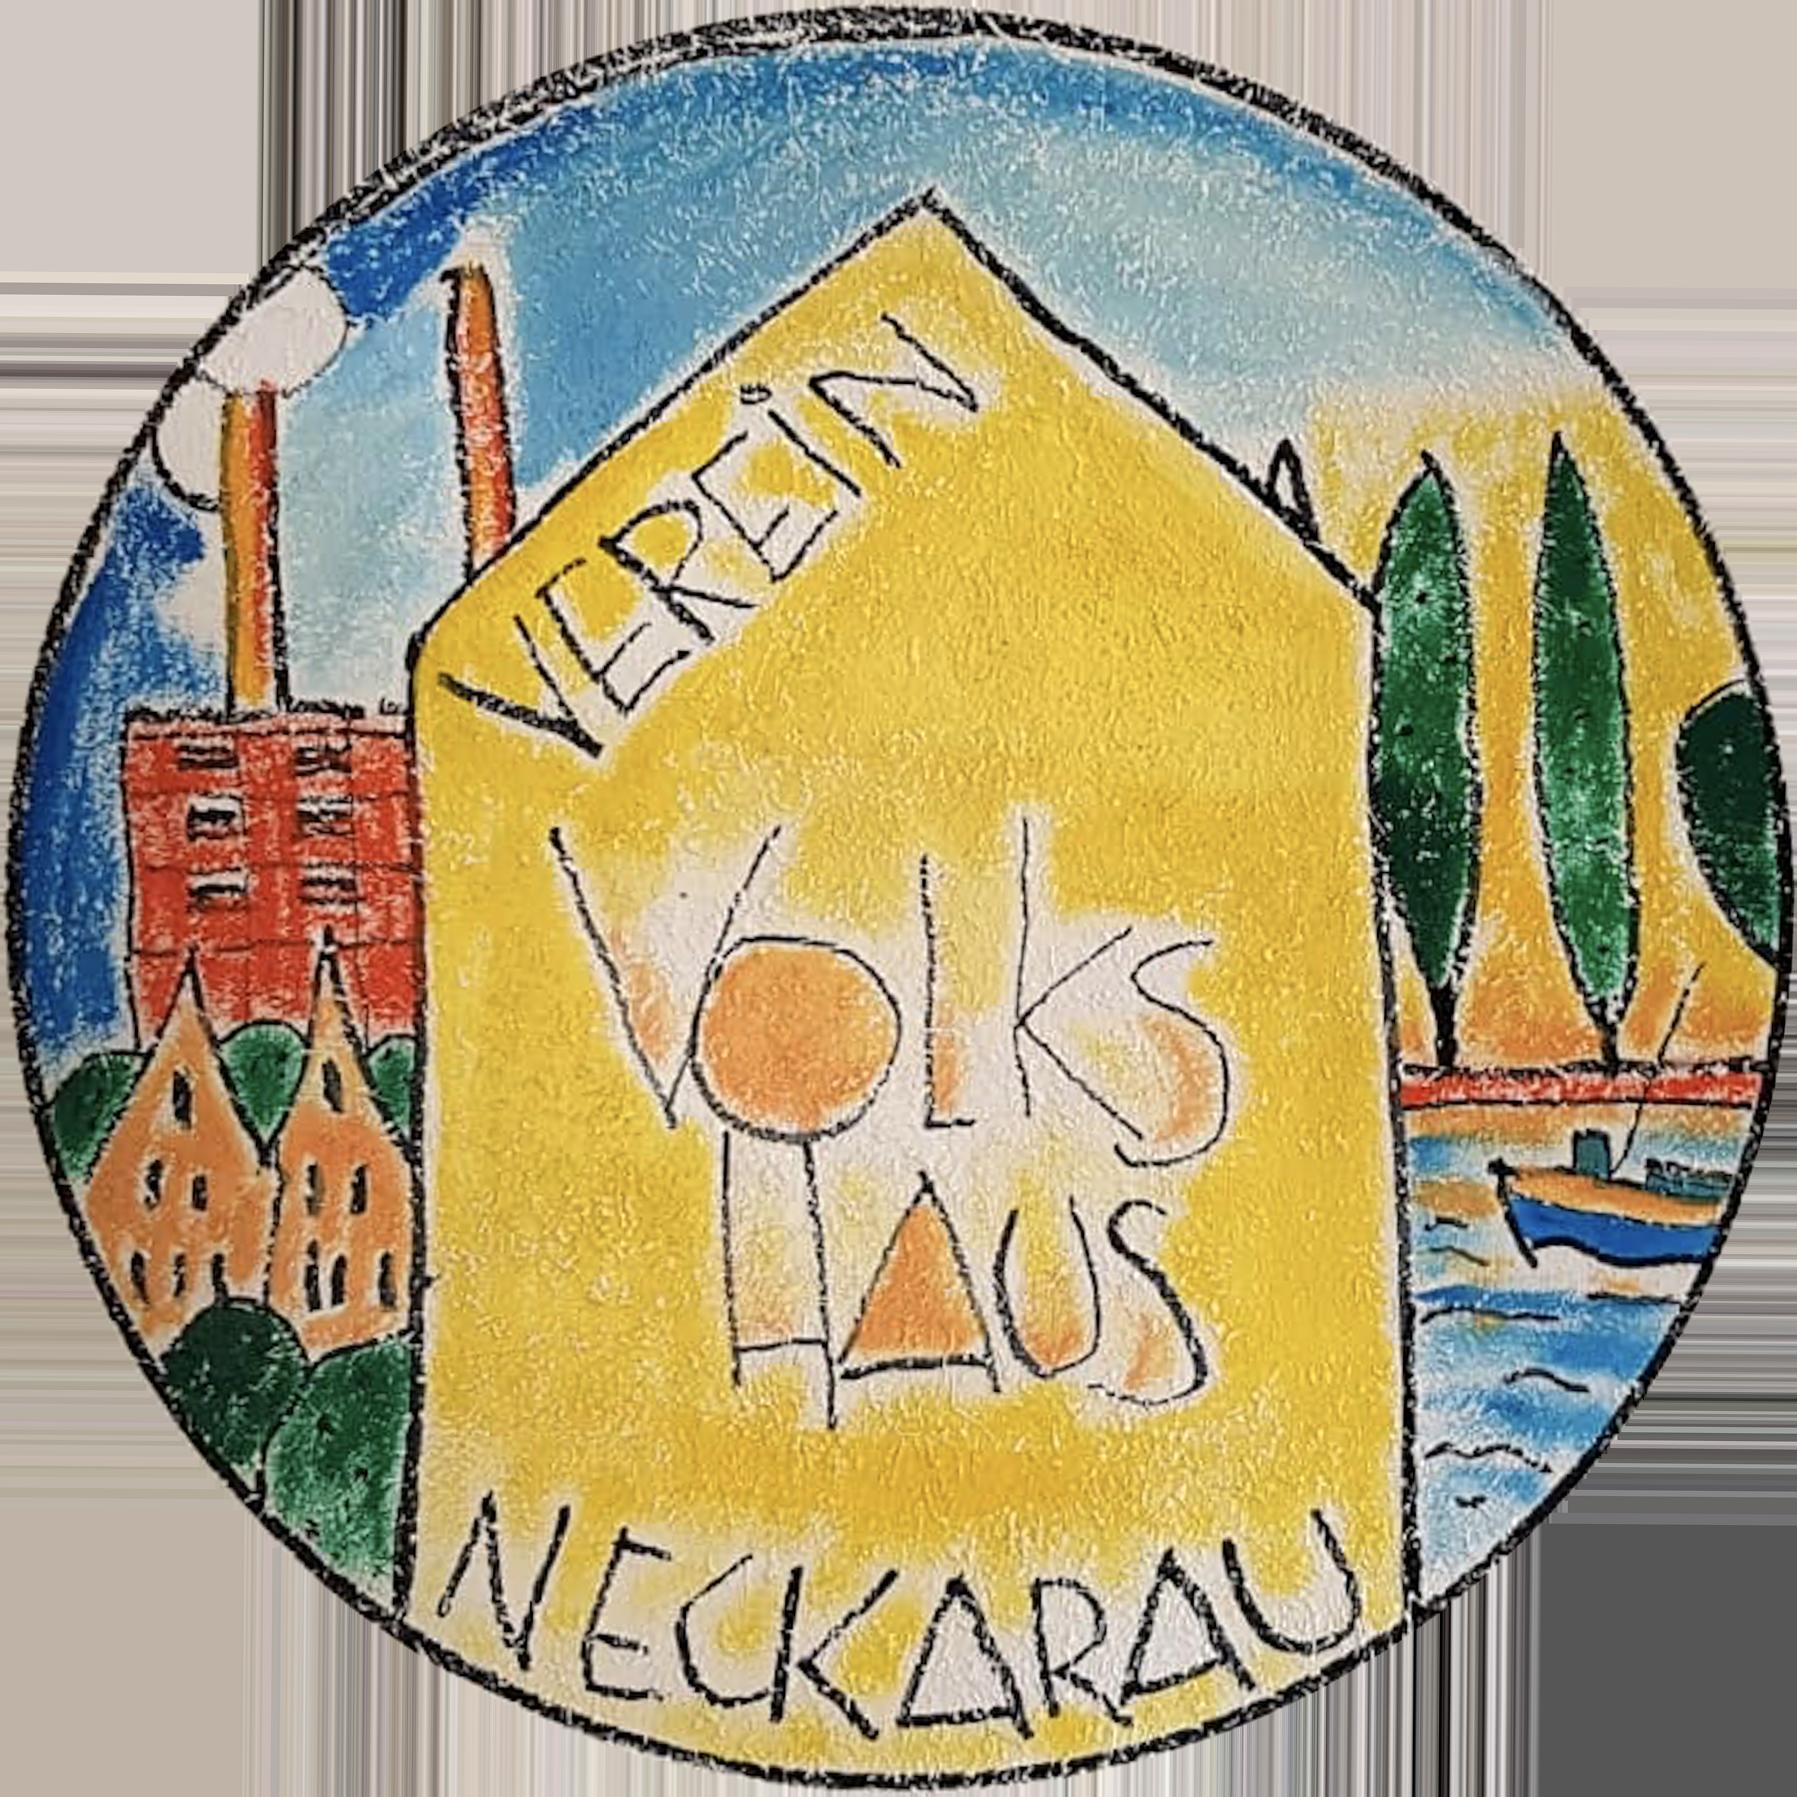 Volkshaus Neckarau e.V.